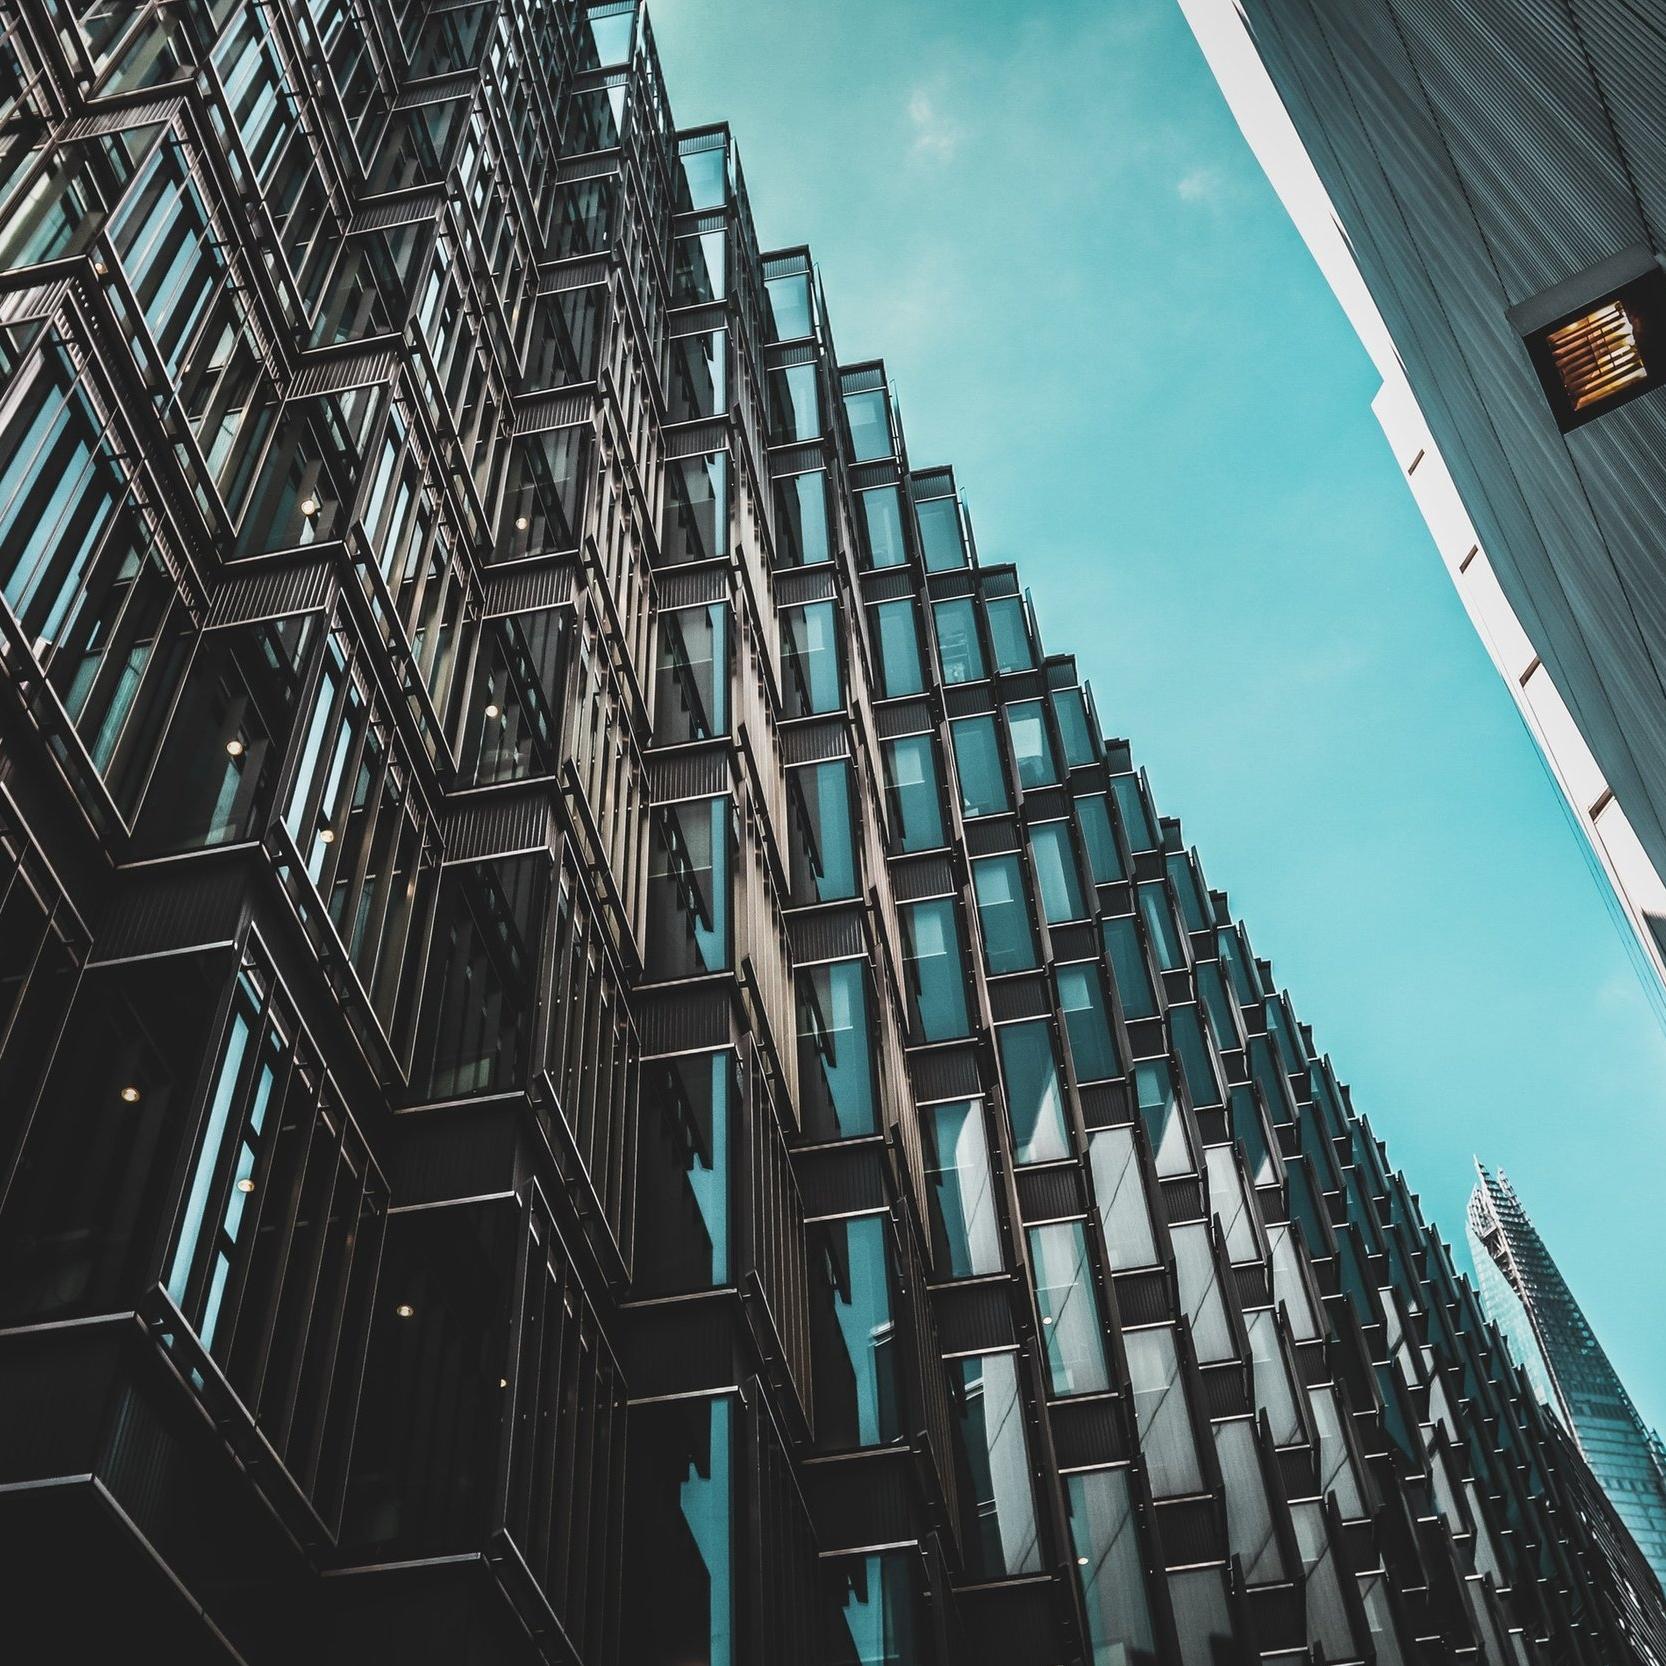 VASTGOED - Voor vragen over vastgoed- en bouwrecht.